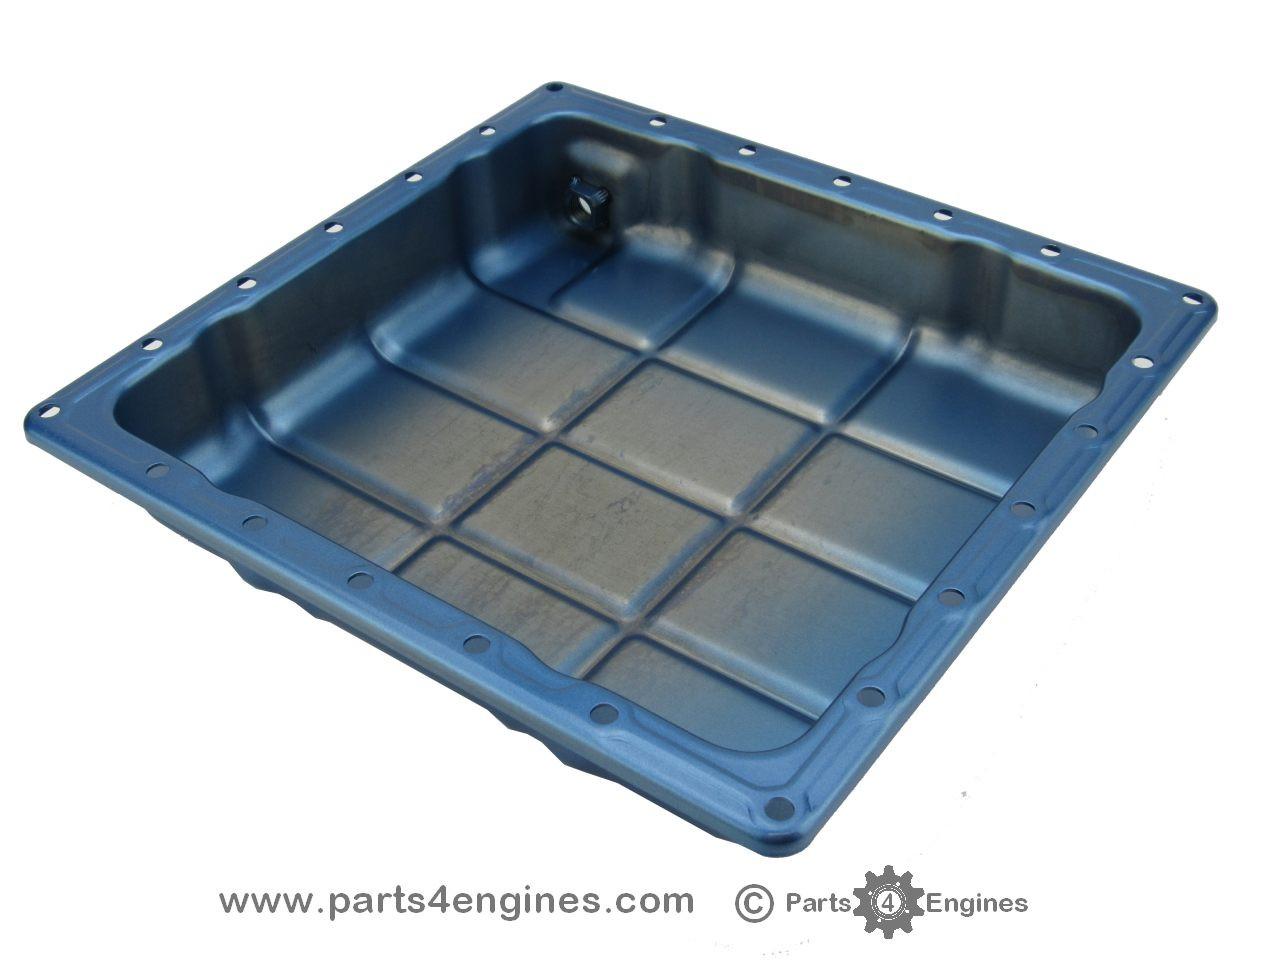 Vovo Penta MD2030 Oil Sump - parts4engines.com